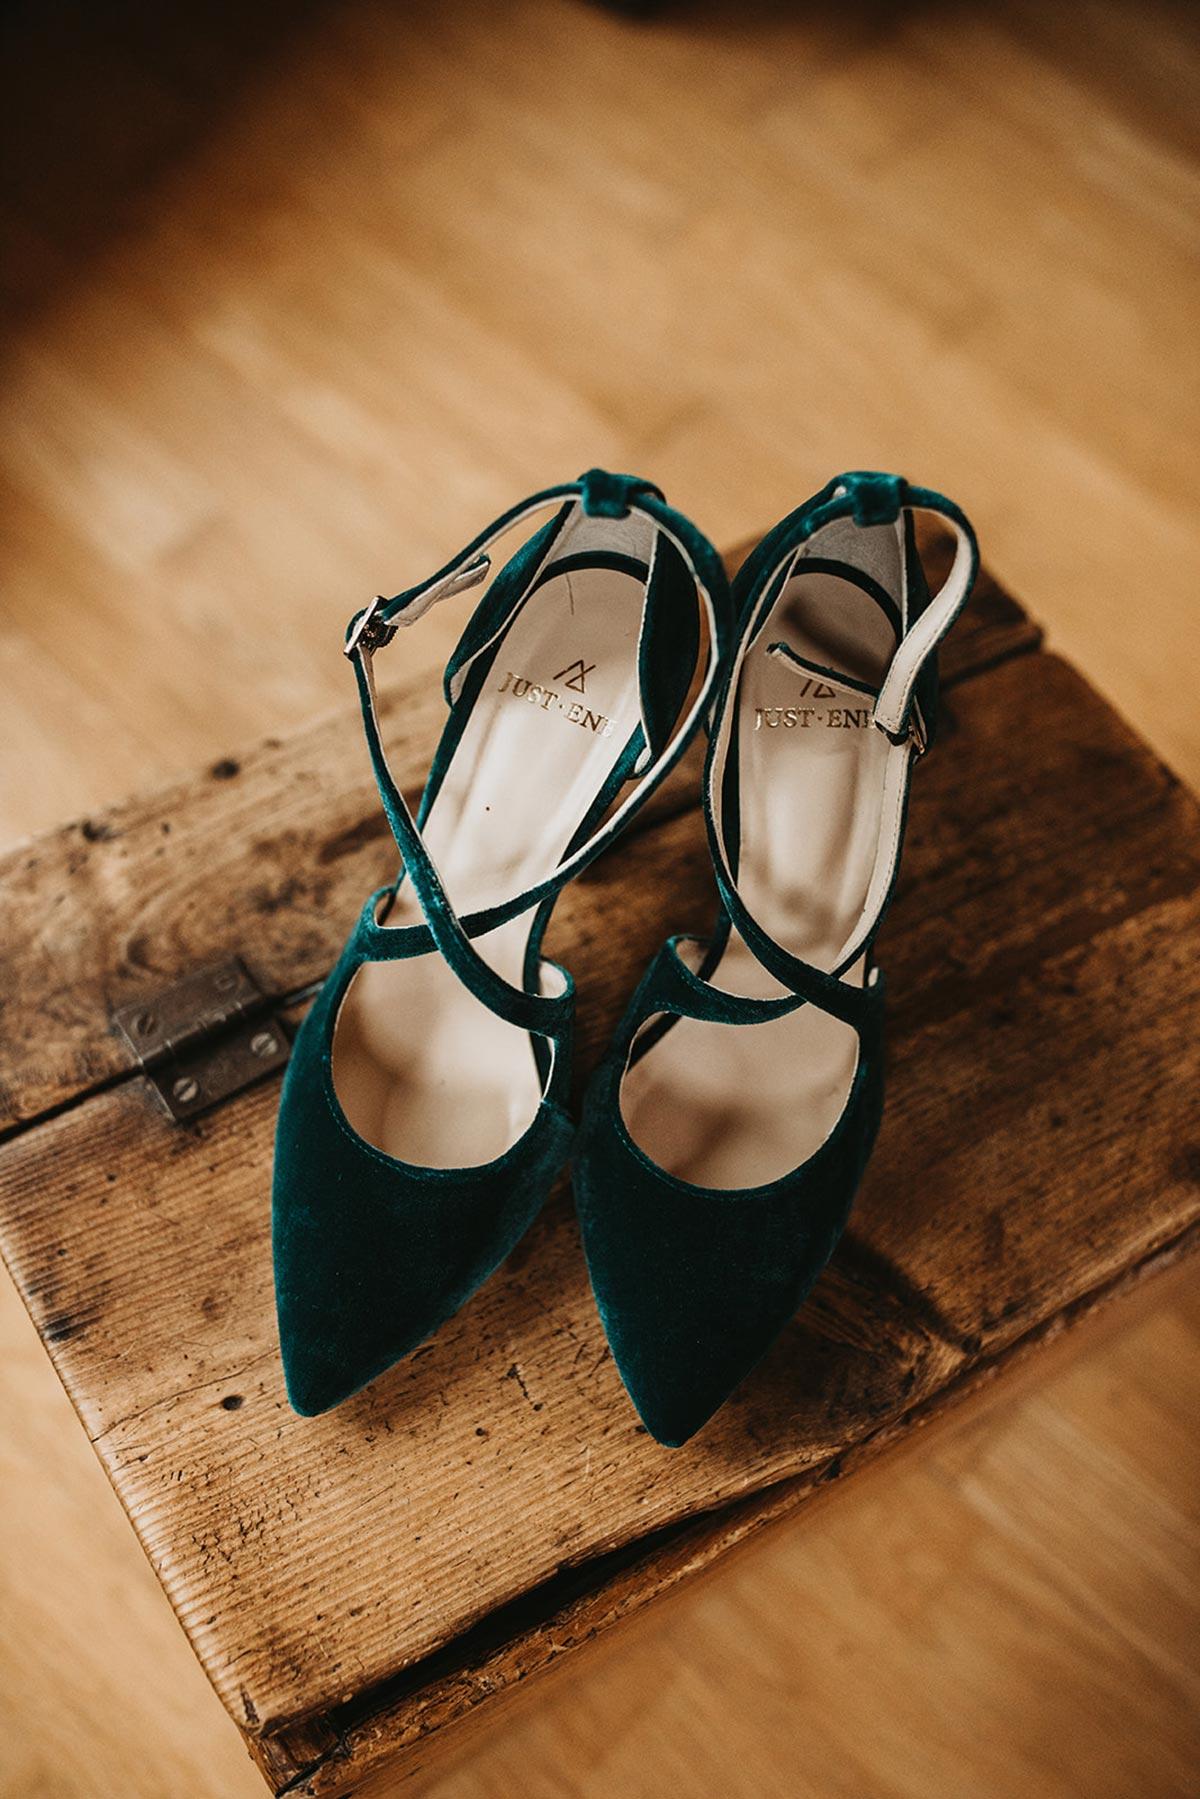 Zapatos novia terciopelo verde oscuro